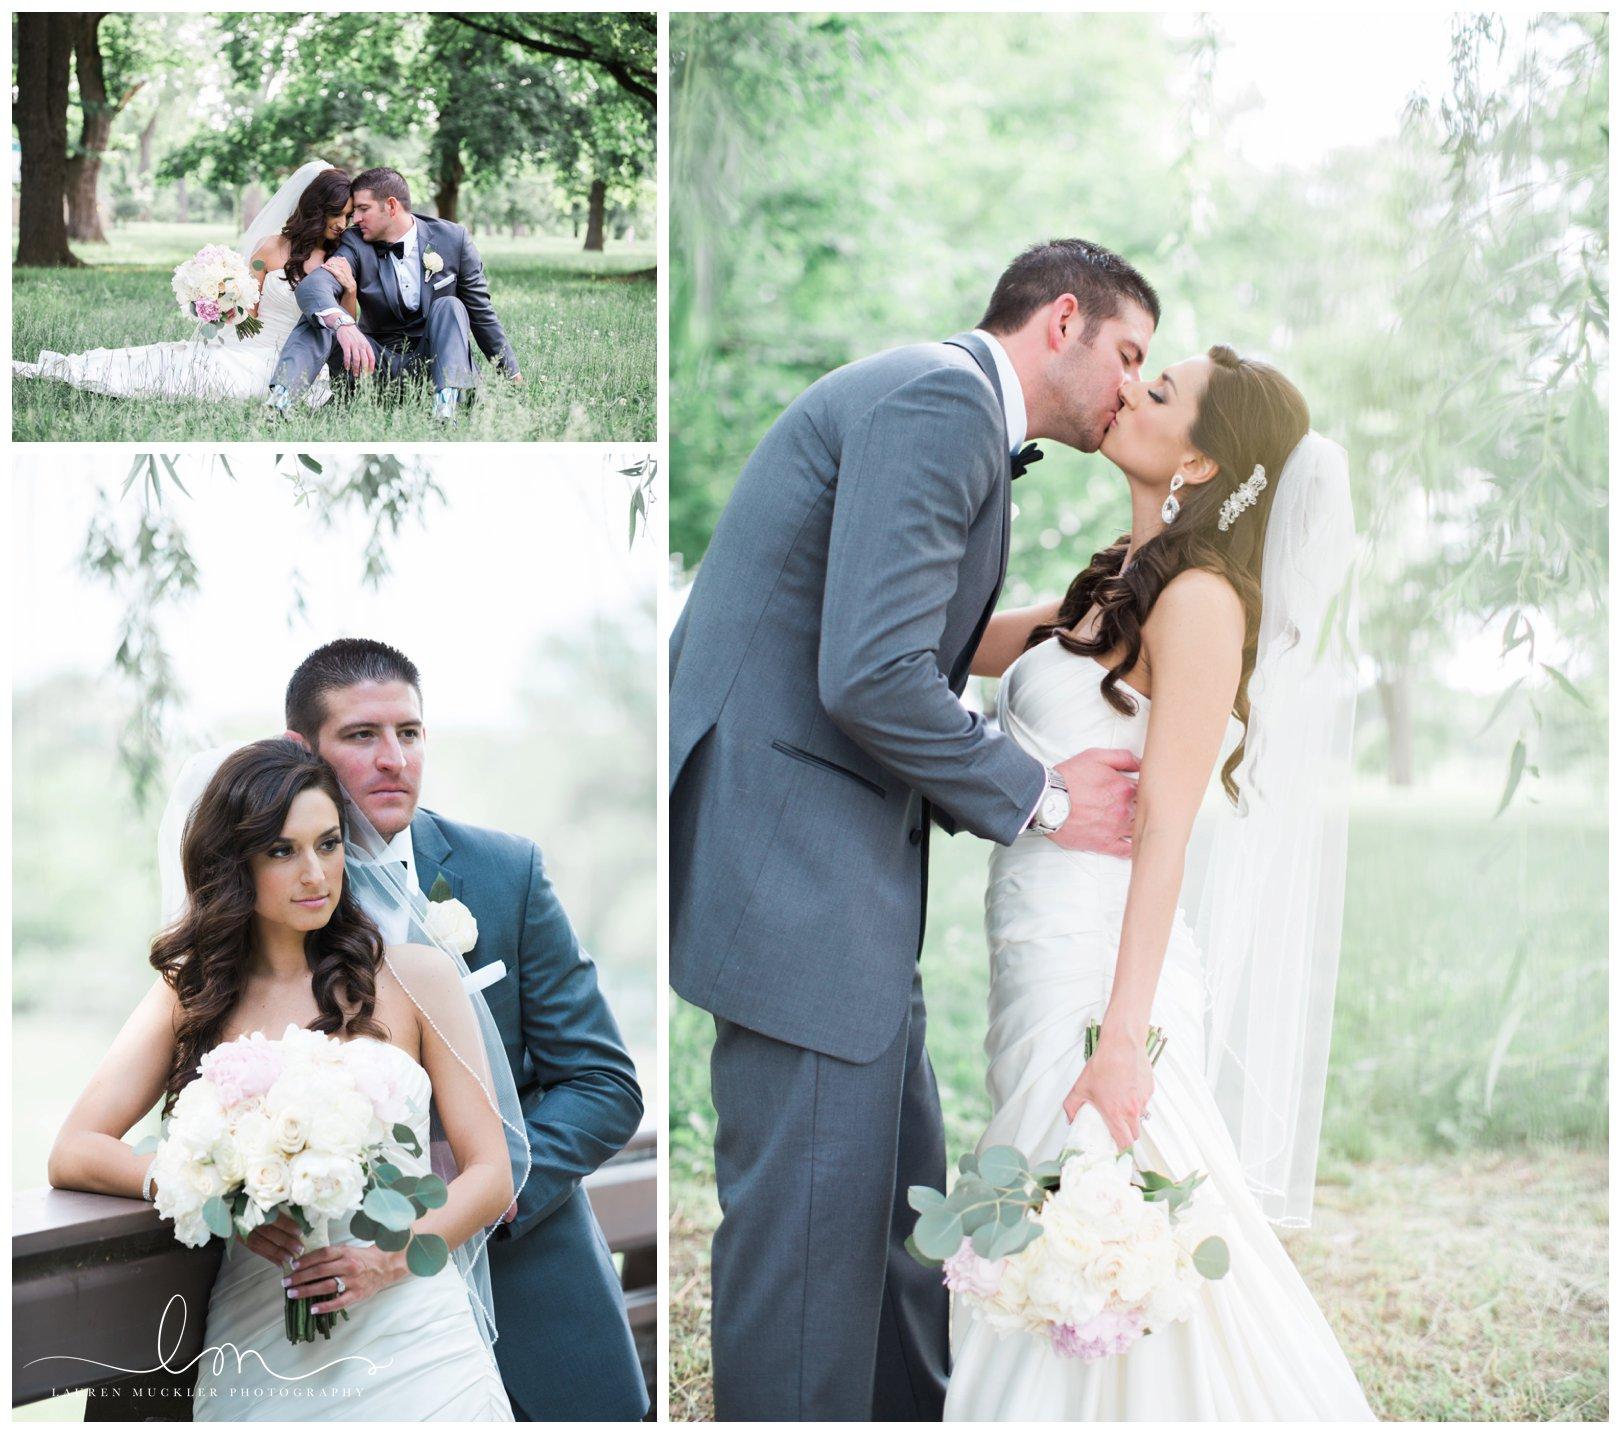 lauren muckler photography_fine art film wedding photography_st louis_photography_0269.jpg